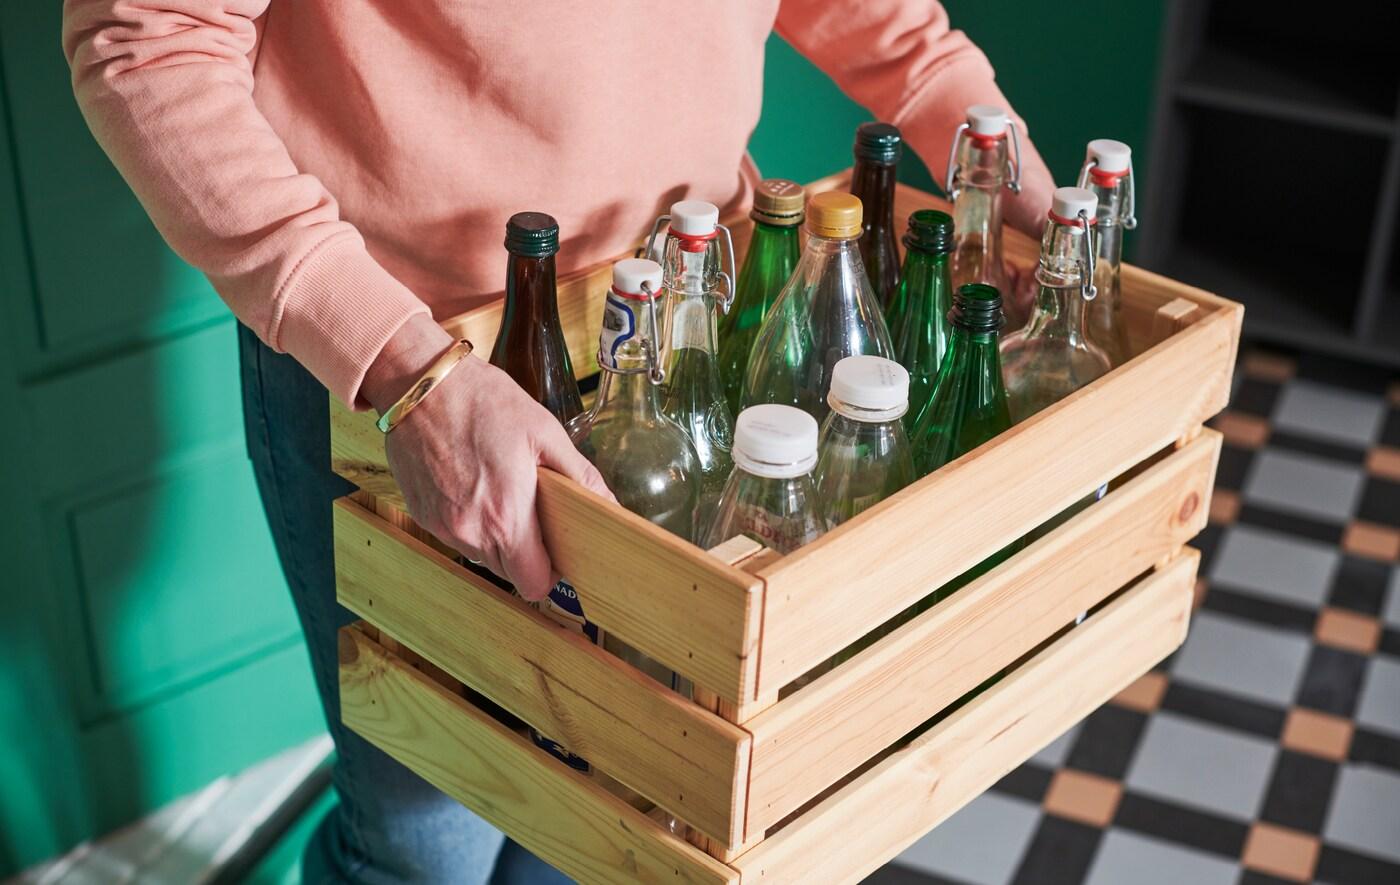 Valaki egy különféle üvegekkel és műanyag palackokkal teli KNAGGLIG faládát cipel.